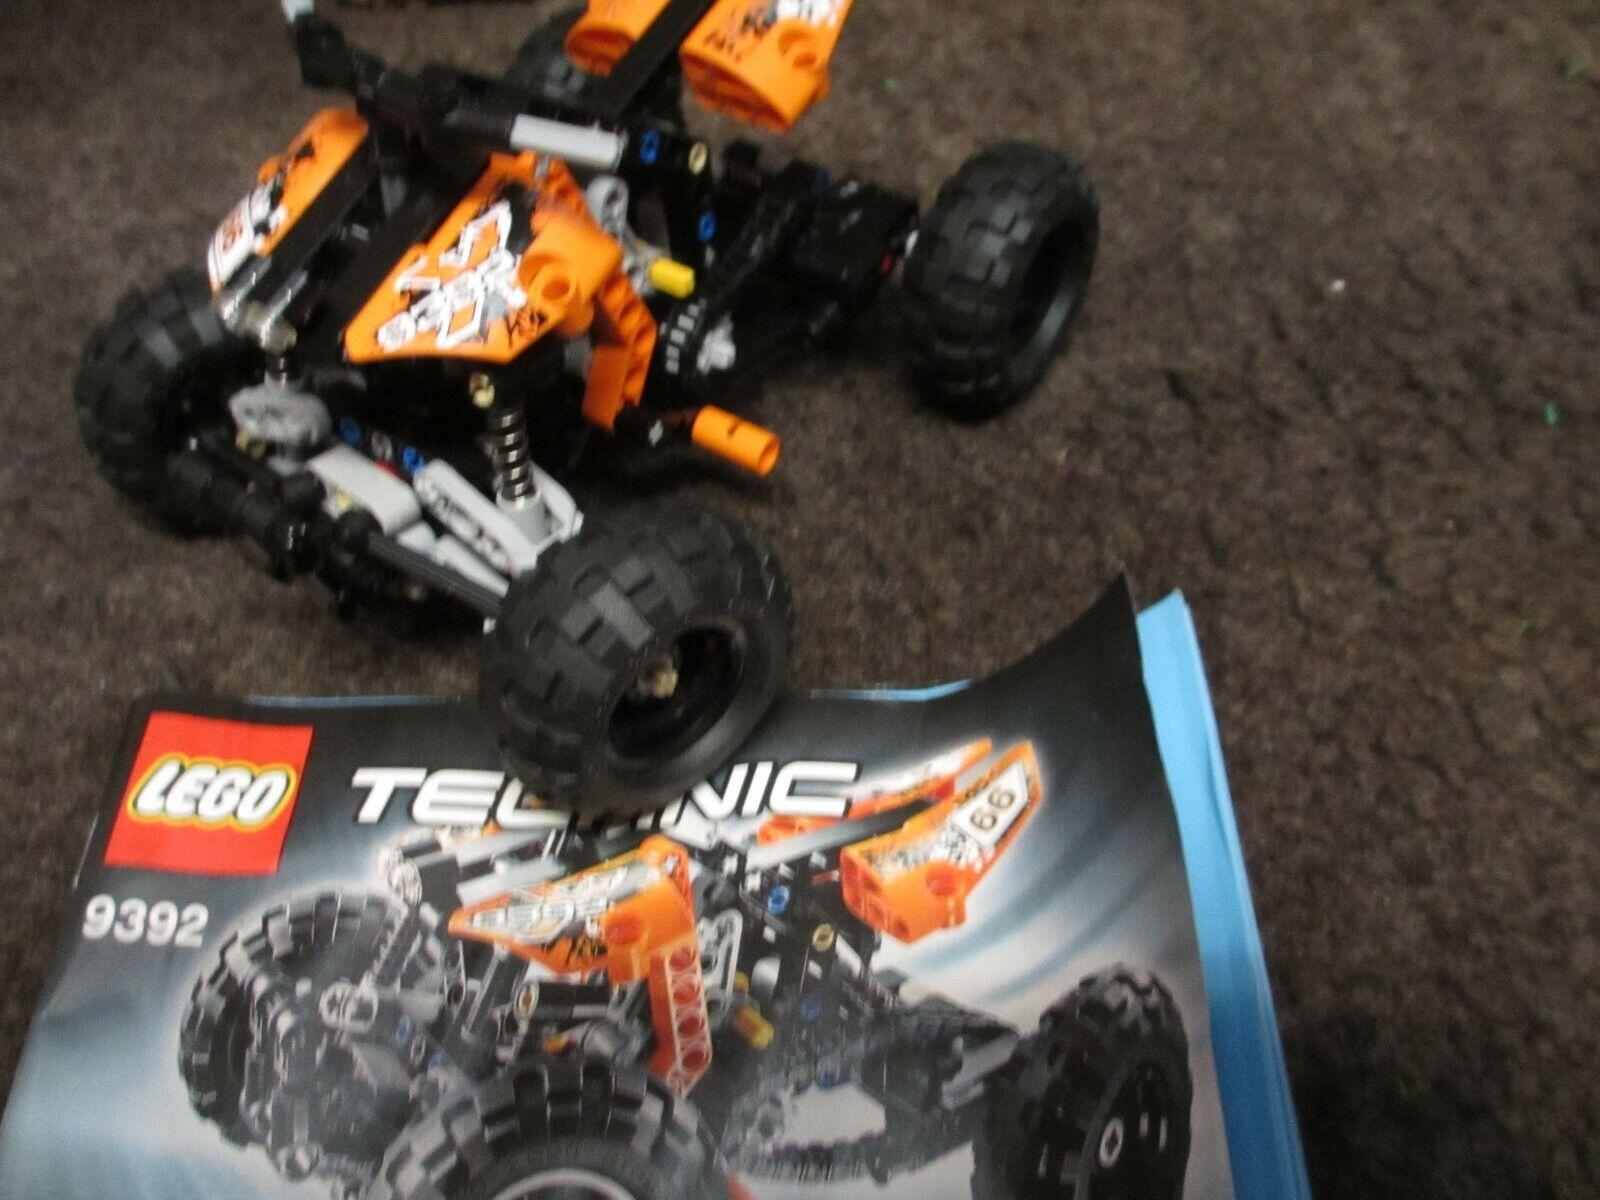 LEGO CITY 7746 und LEGO TECHNIK TECHNIK TECHNIK 9392 gebraucht  gut erhalten. 031e59